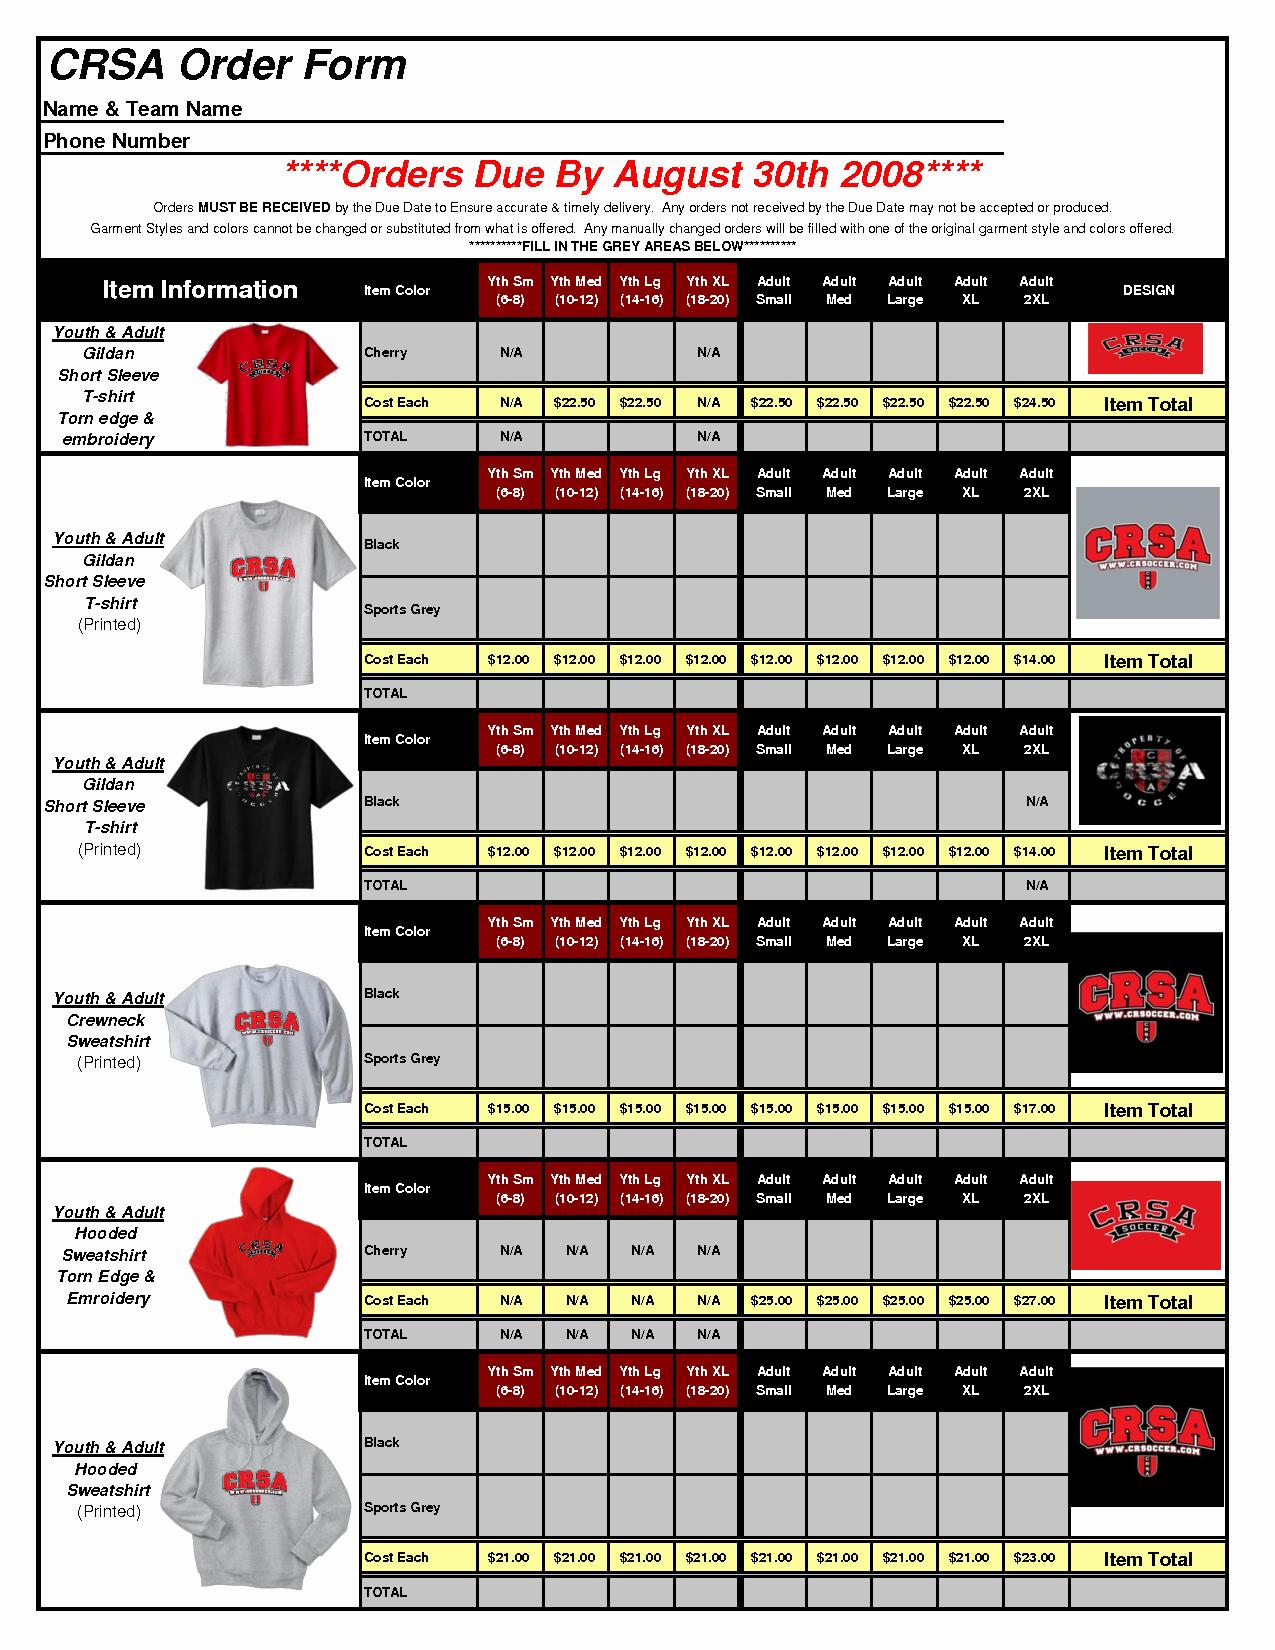 Apparel order form Template Excel Elegant T Shirt order form Template Excel 1uive8